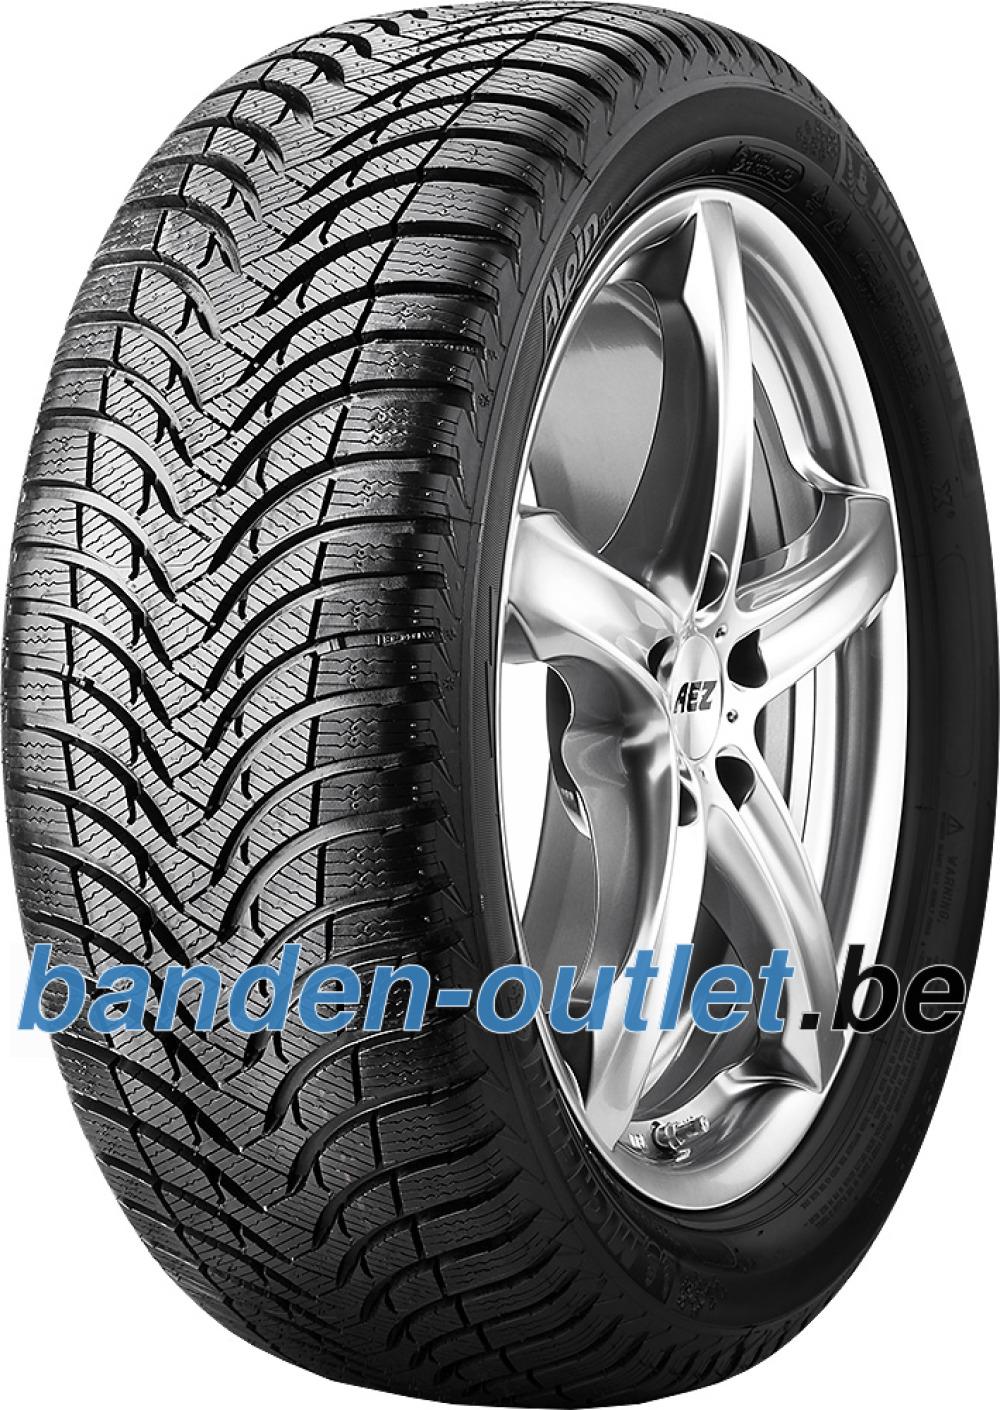 Michelin Alpin A4 ( 205/60 R16 92H , *, GRNX )